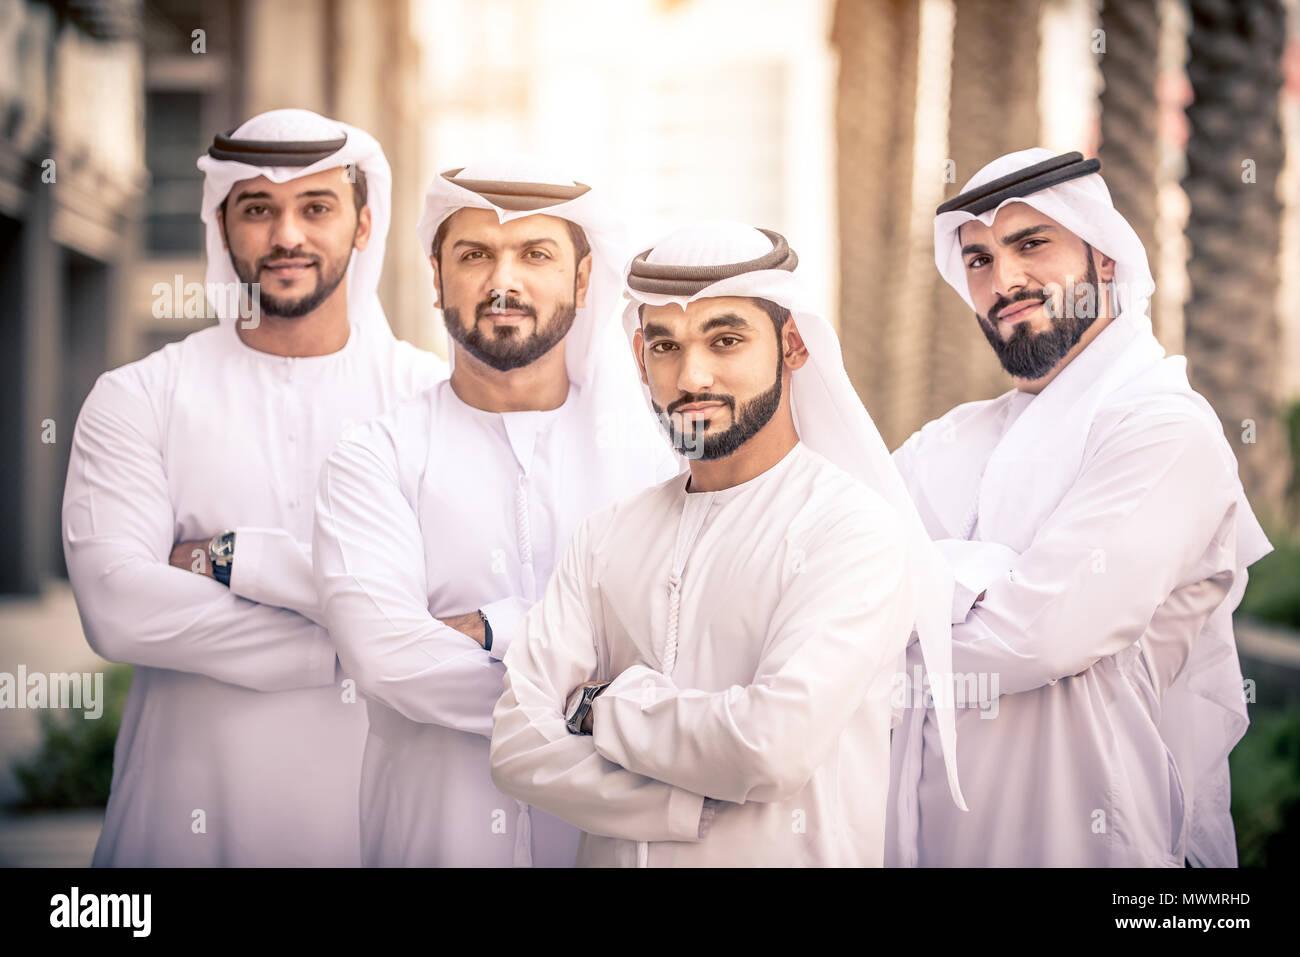 Arabische männer treffen [PUNIQRANDLINE-(au-dating-names.txt) 21